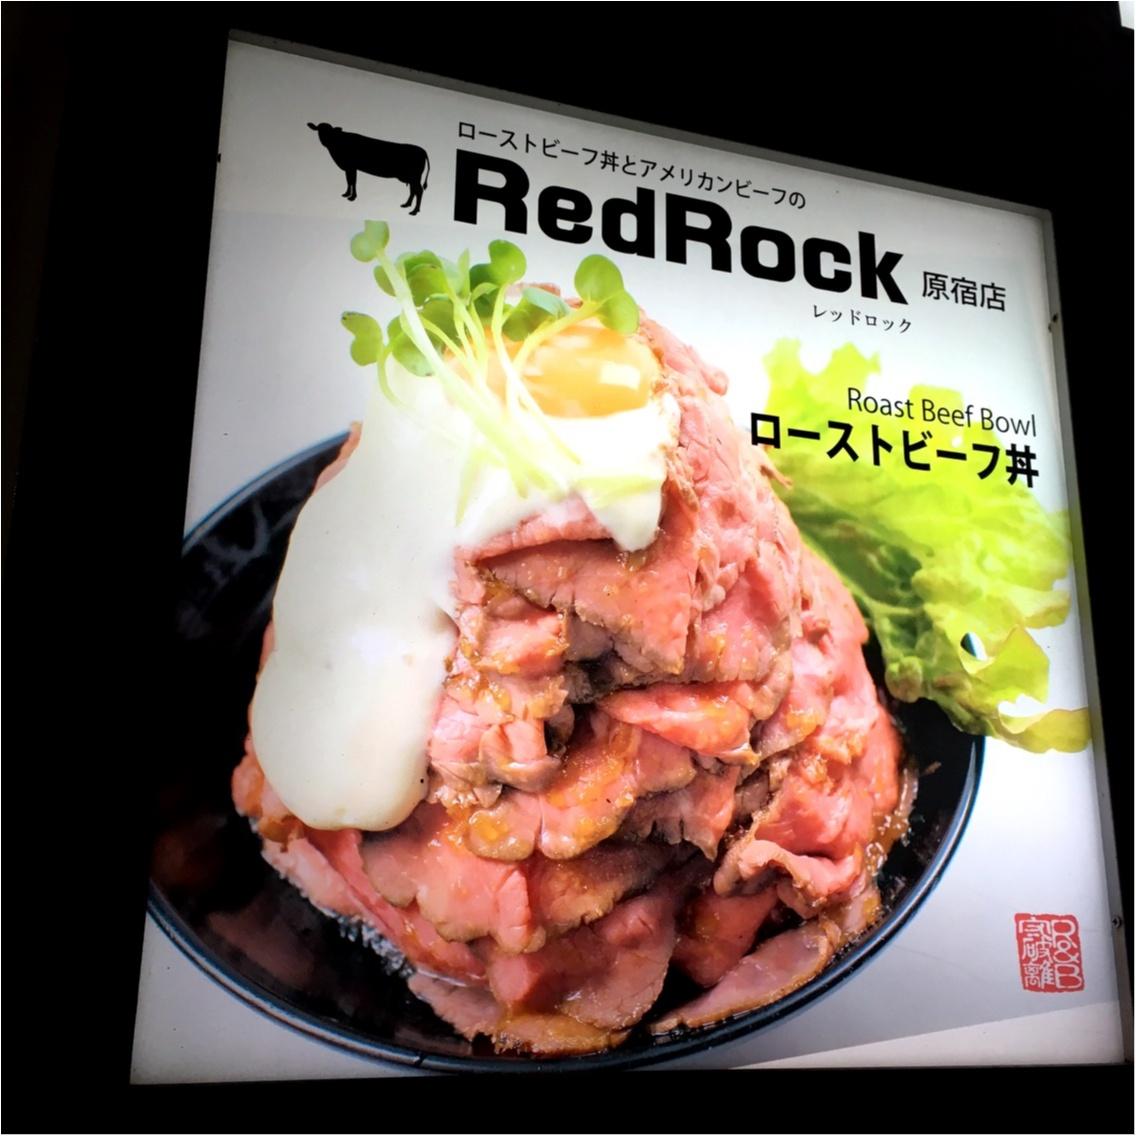 行列のできるローストビーフ丼のお店_2